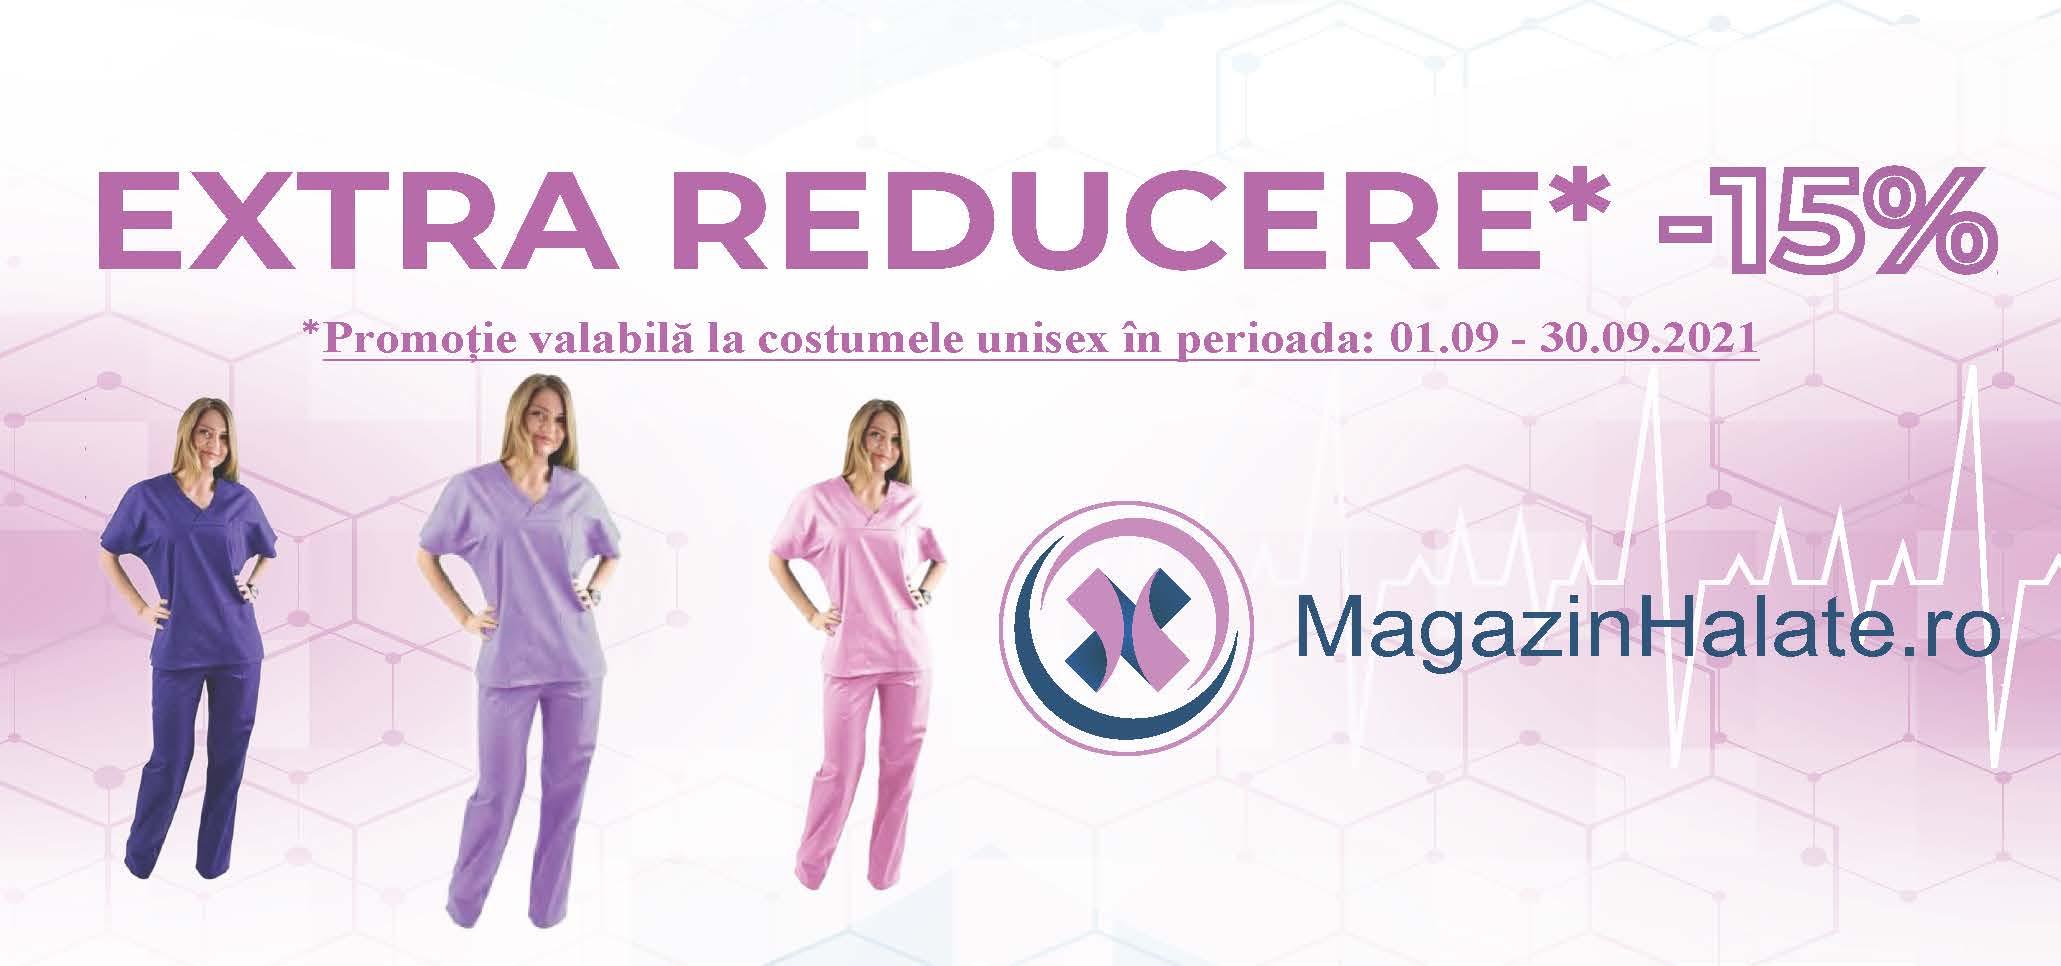 Promo -15% Costume unisex